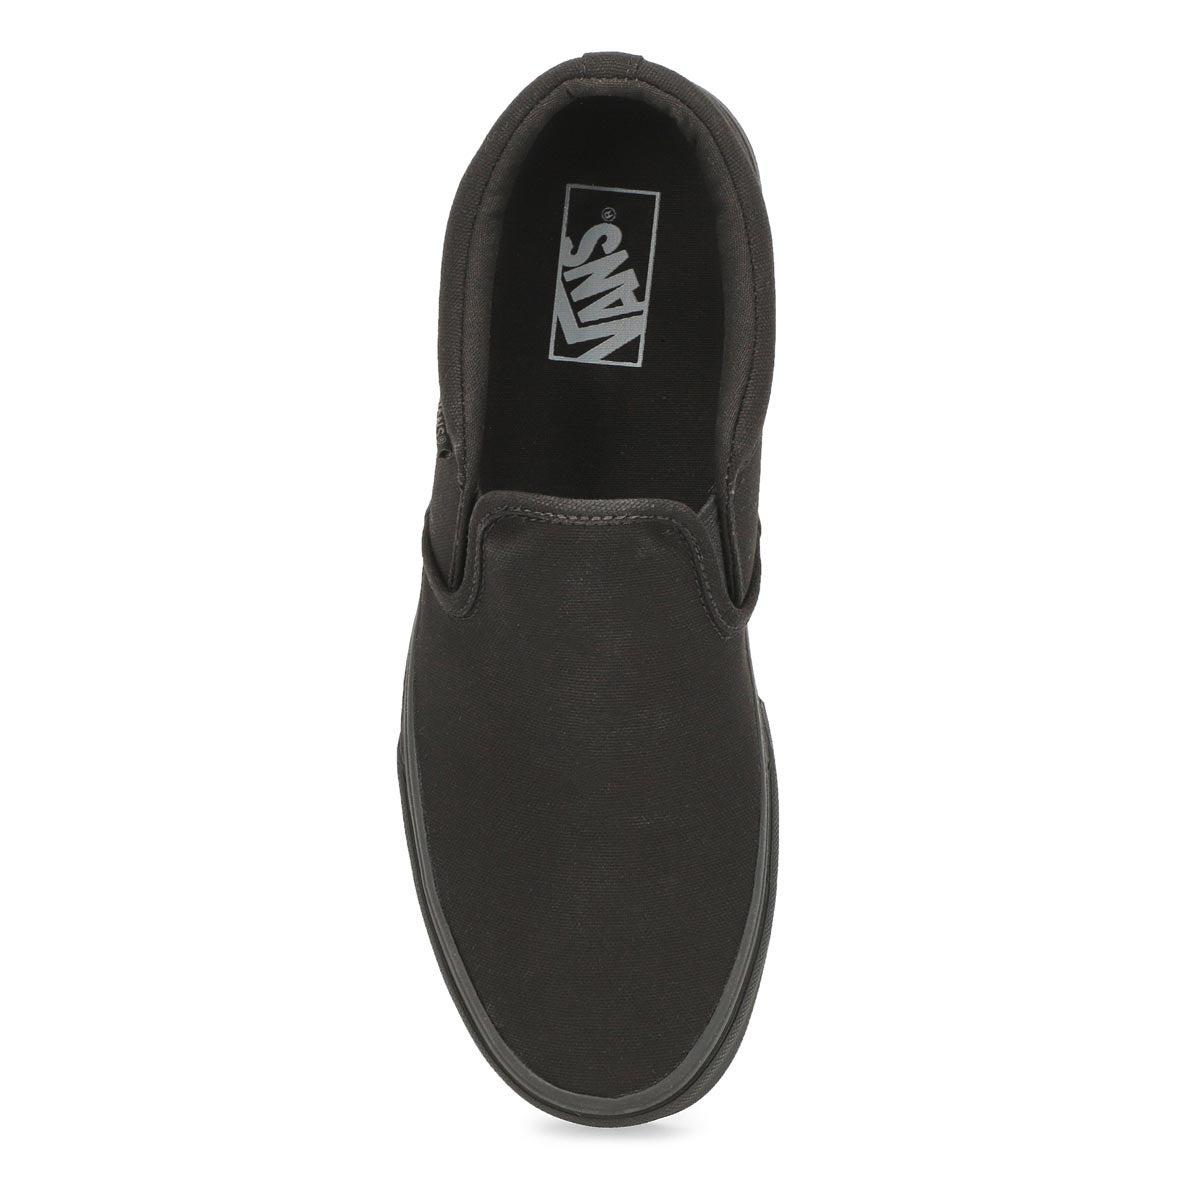 Mns Asher black slip on sneaker